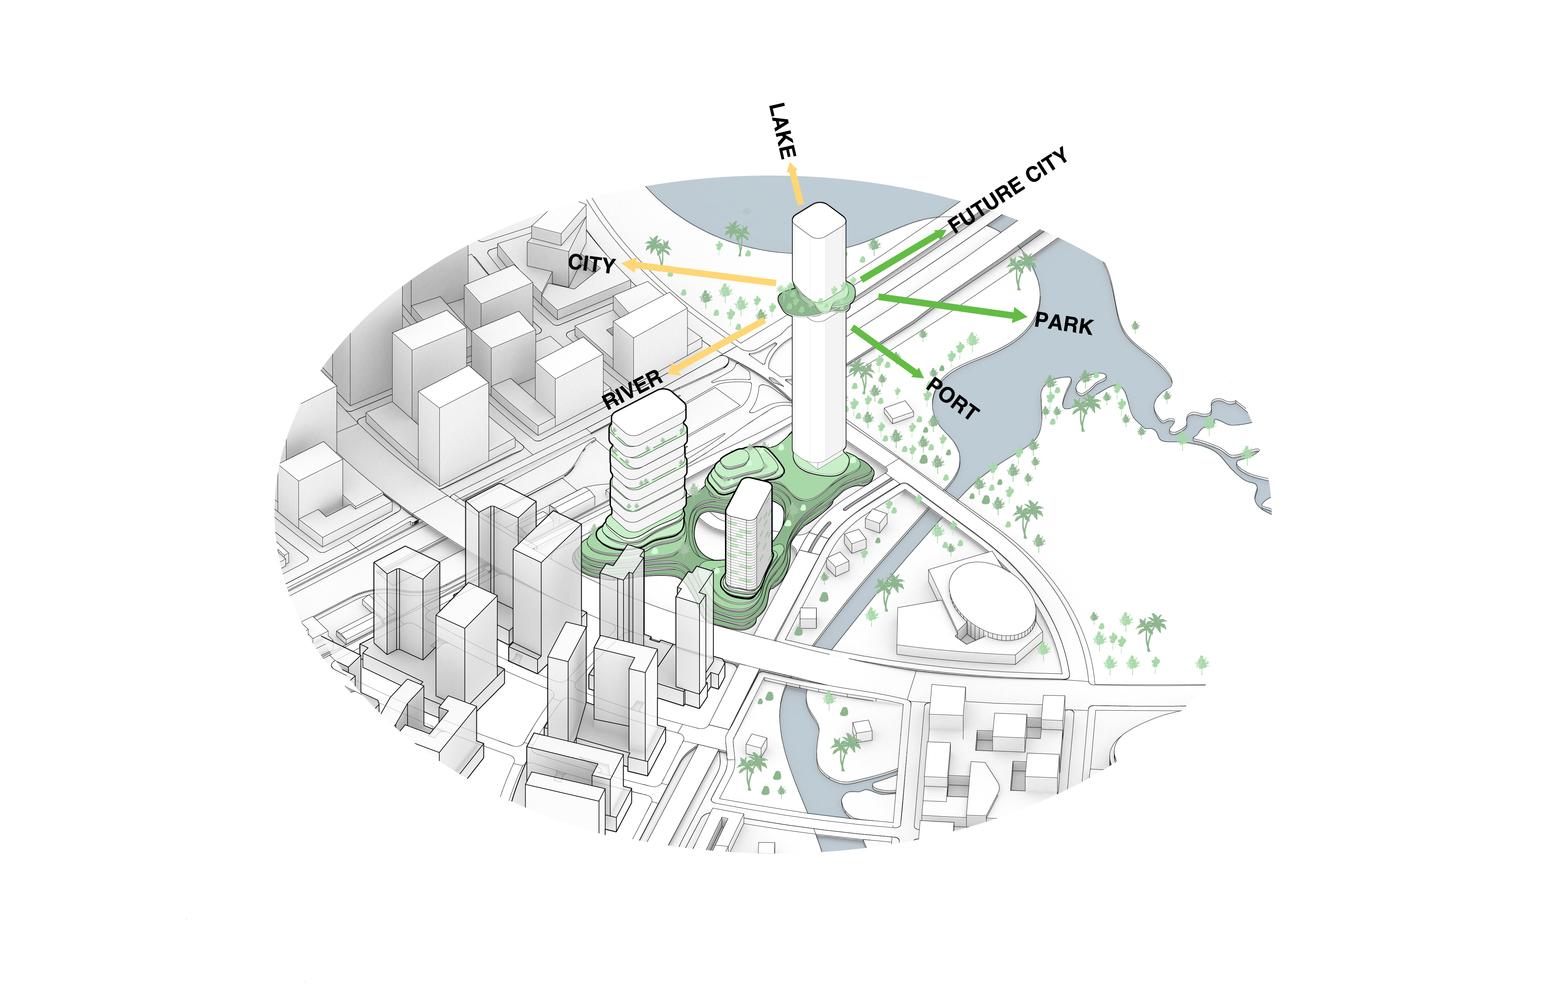 empire_city_by_ole_scheeren_a_buro-os_09_concept_diagram.jpg